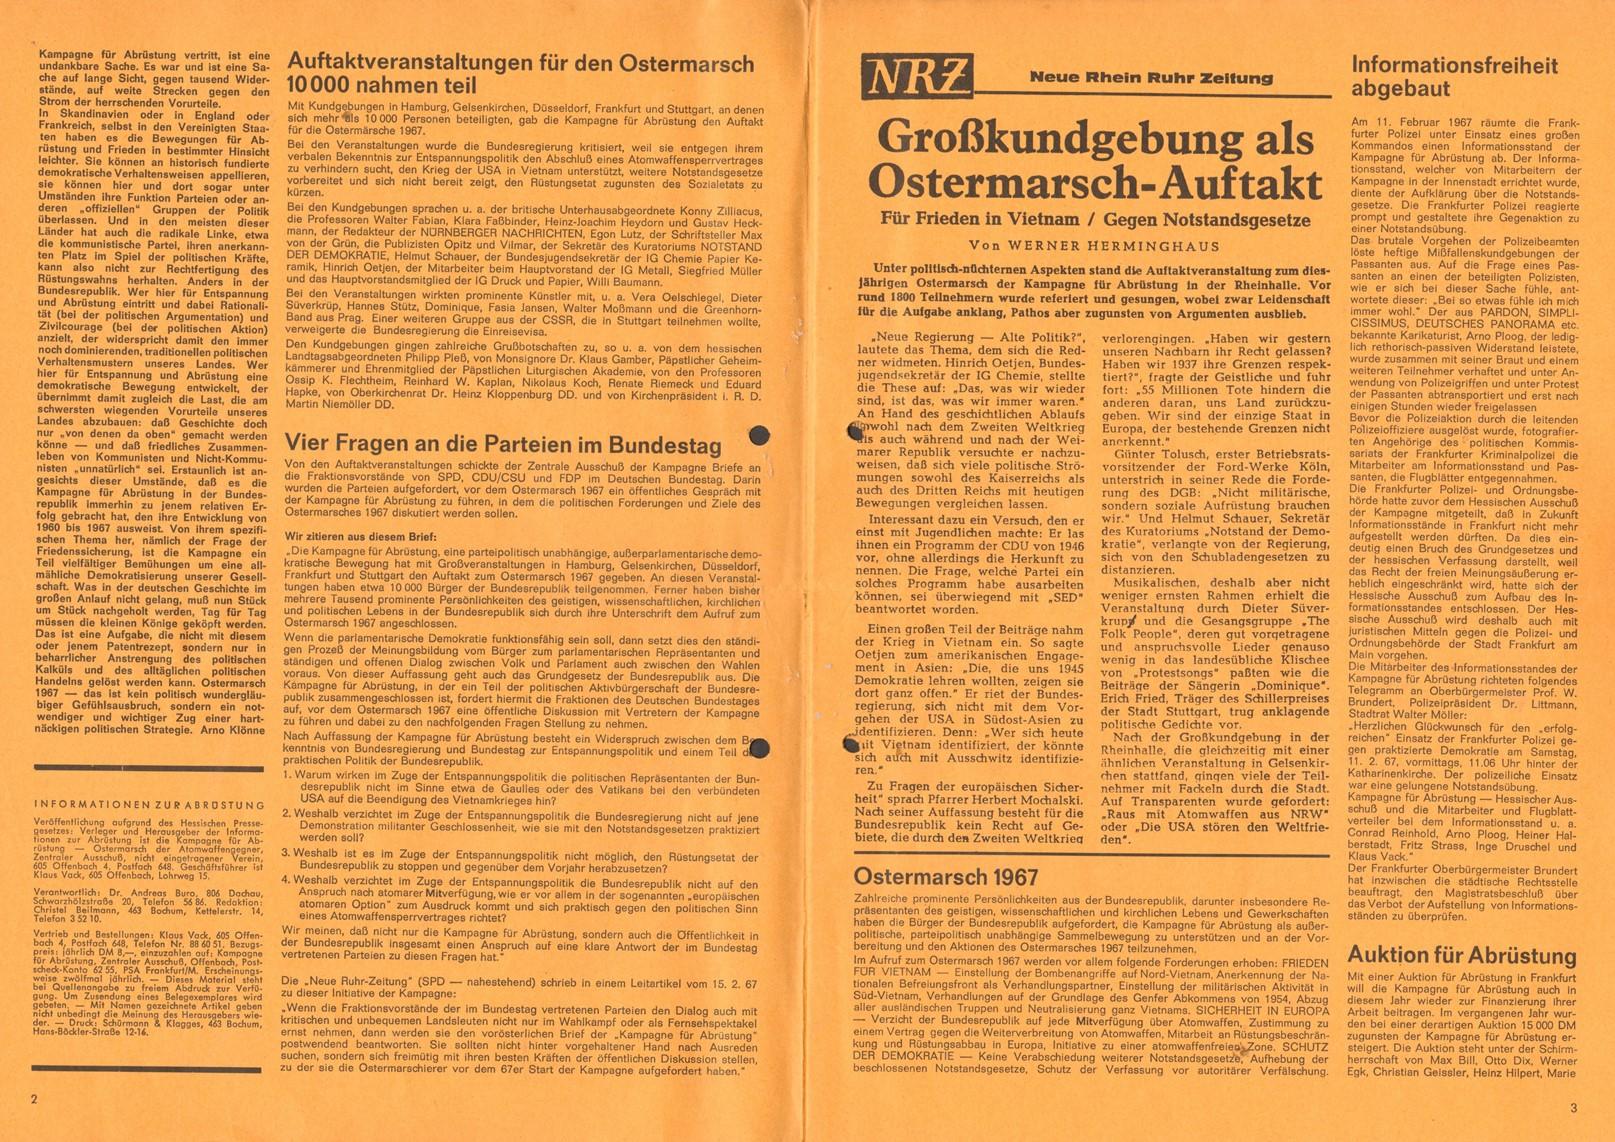 Informationen_zur_Abruestung_19670300_02